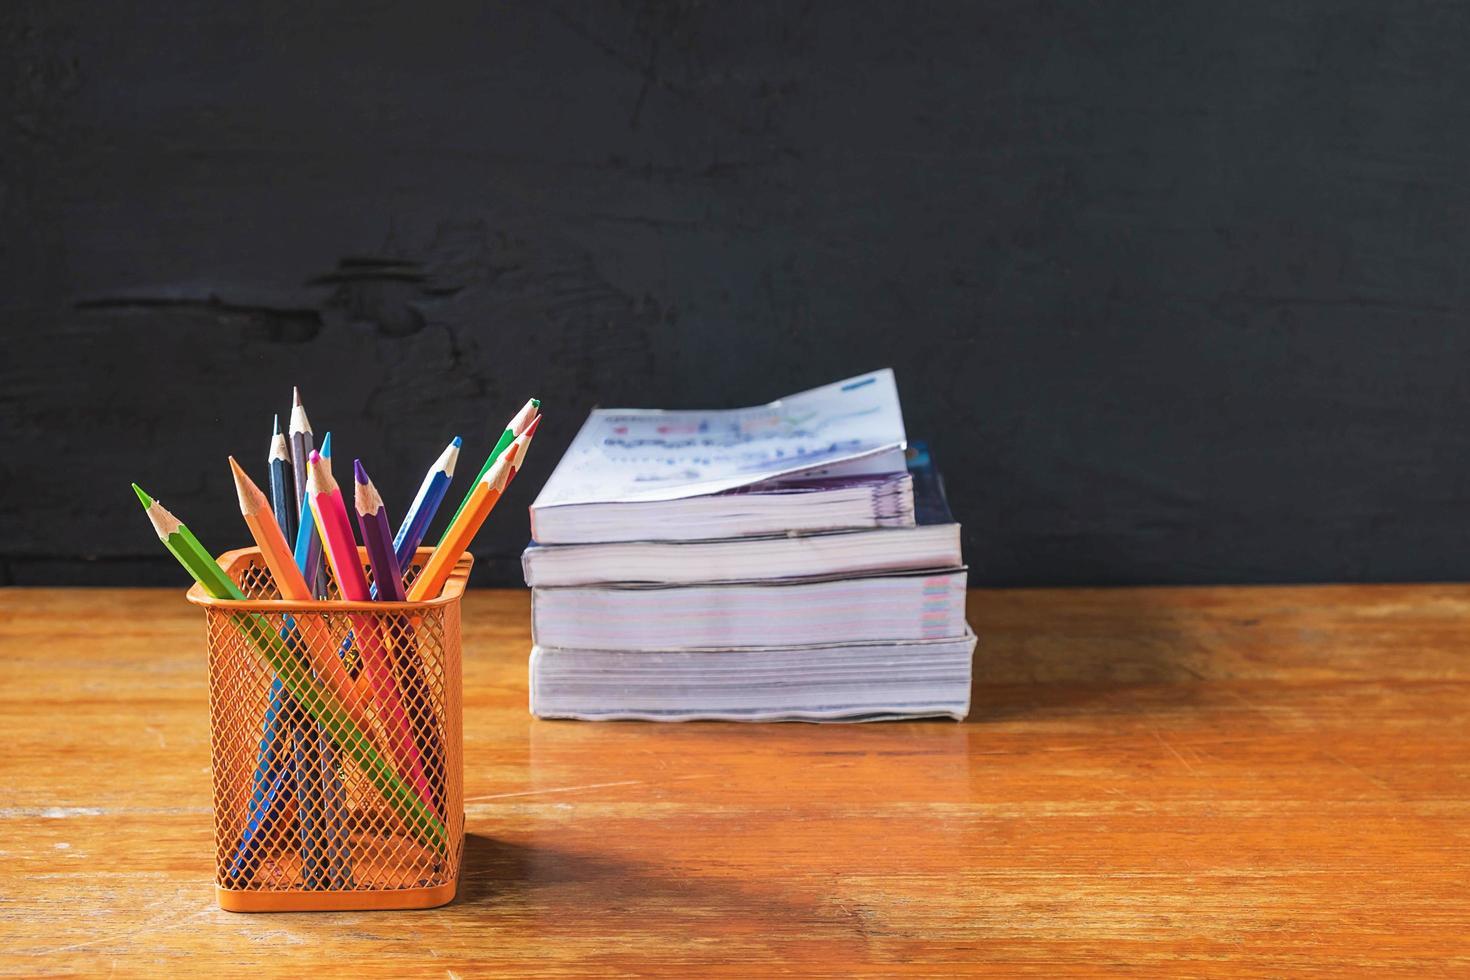 Tasse Bleistifte und ein Stapel Bücher auf einem Holztisch neben einer schwarzen Wand foto